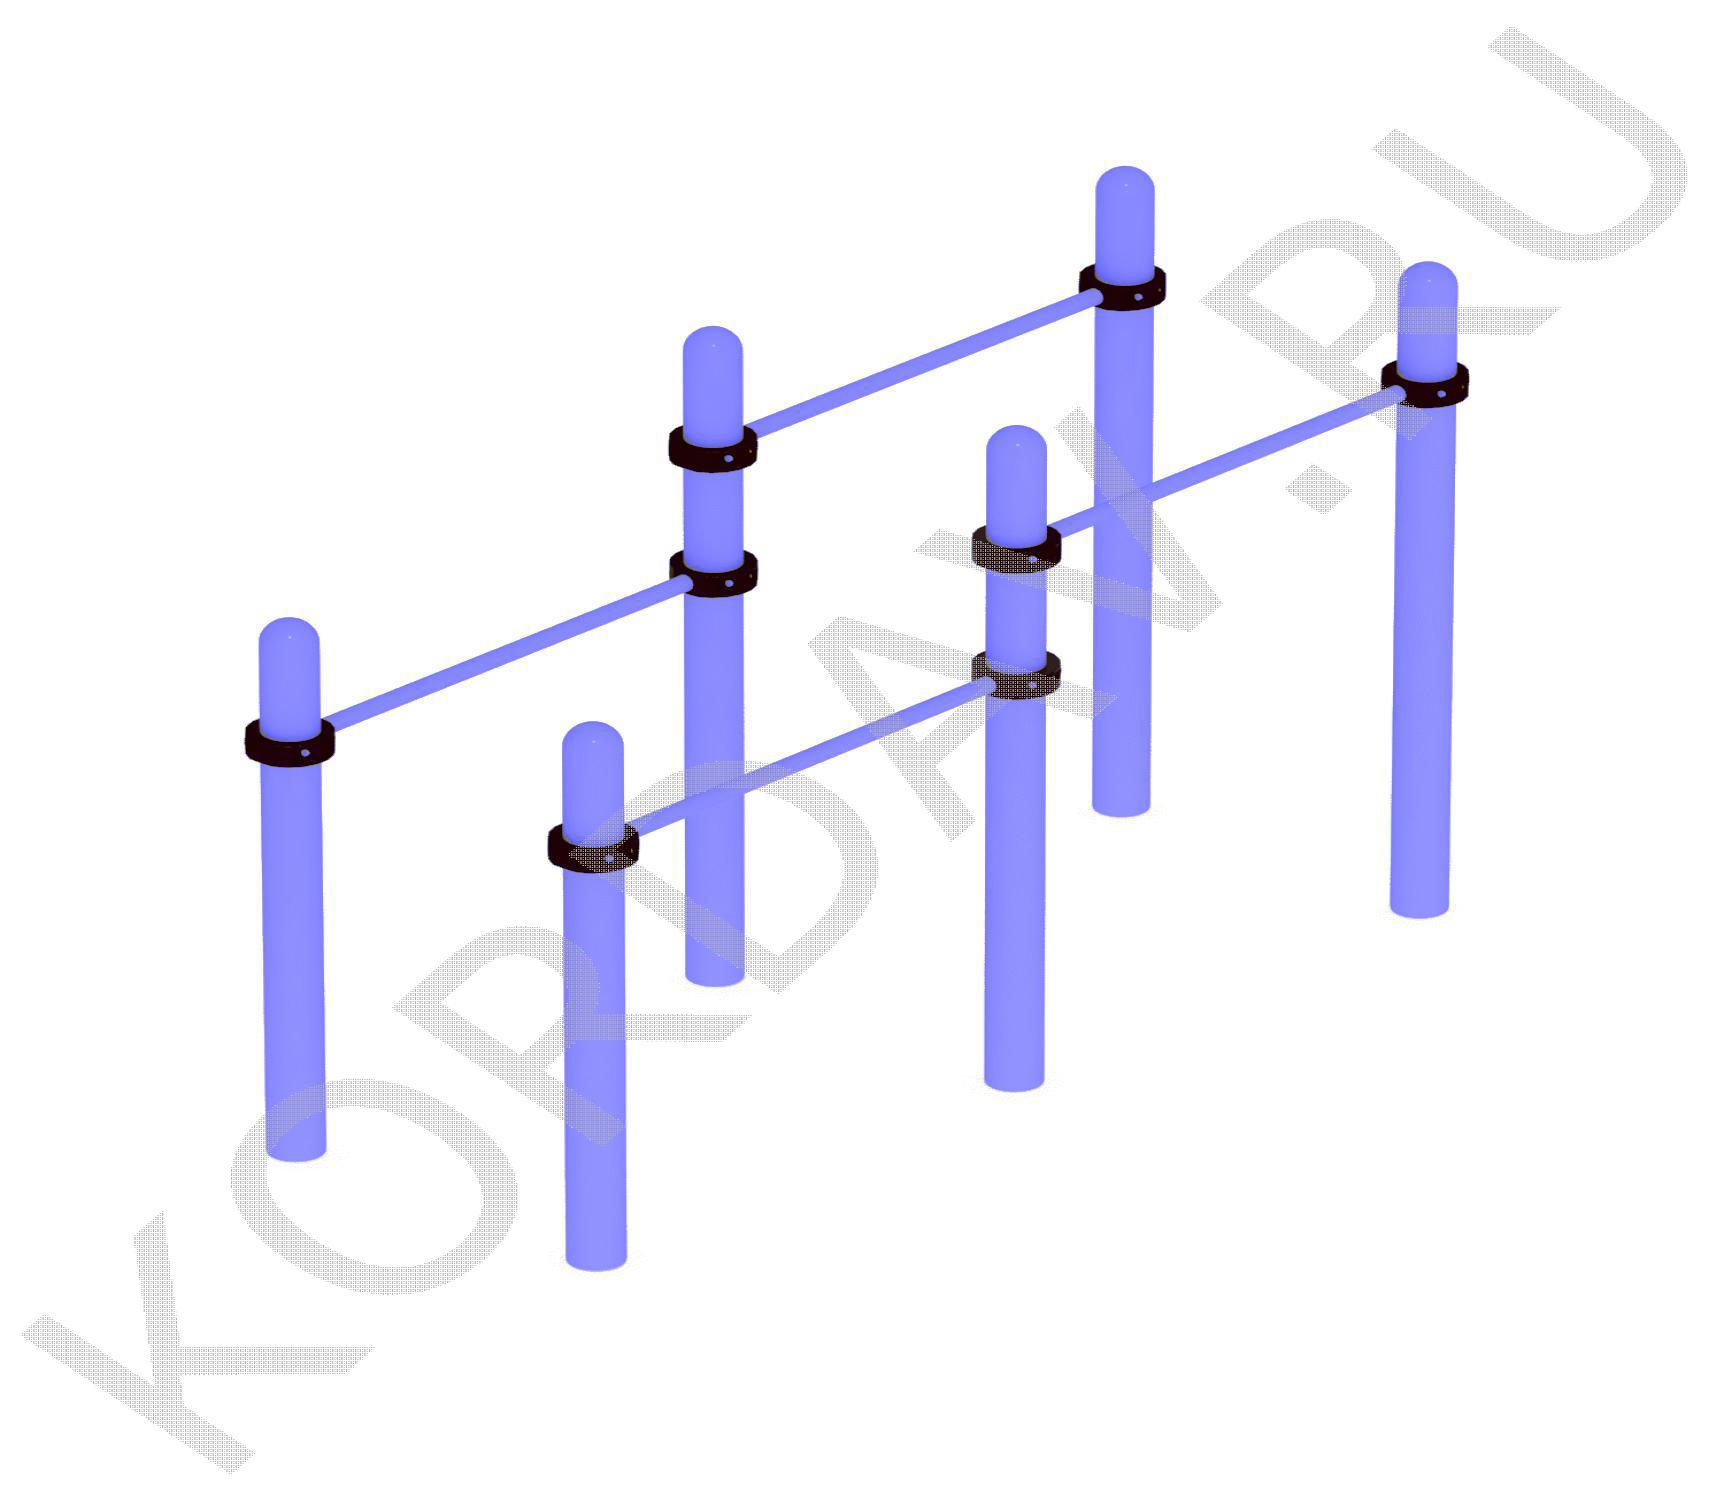 Воркаут Спортивный комплекс из разноуровневых брусьев (108 труба) СТ 1.221